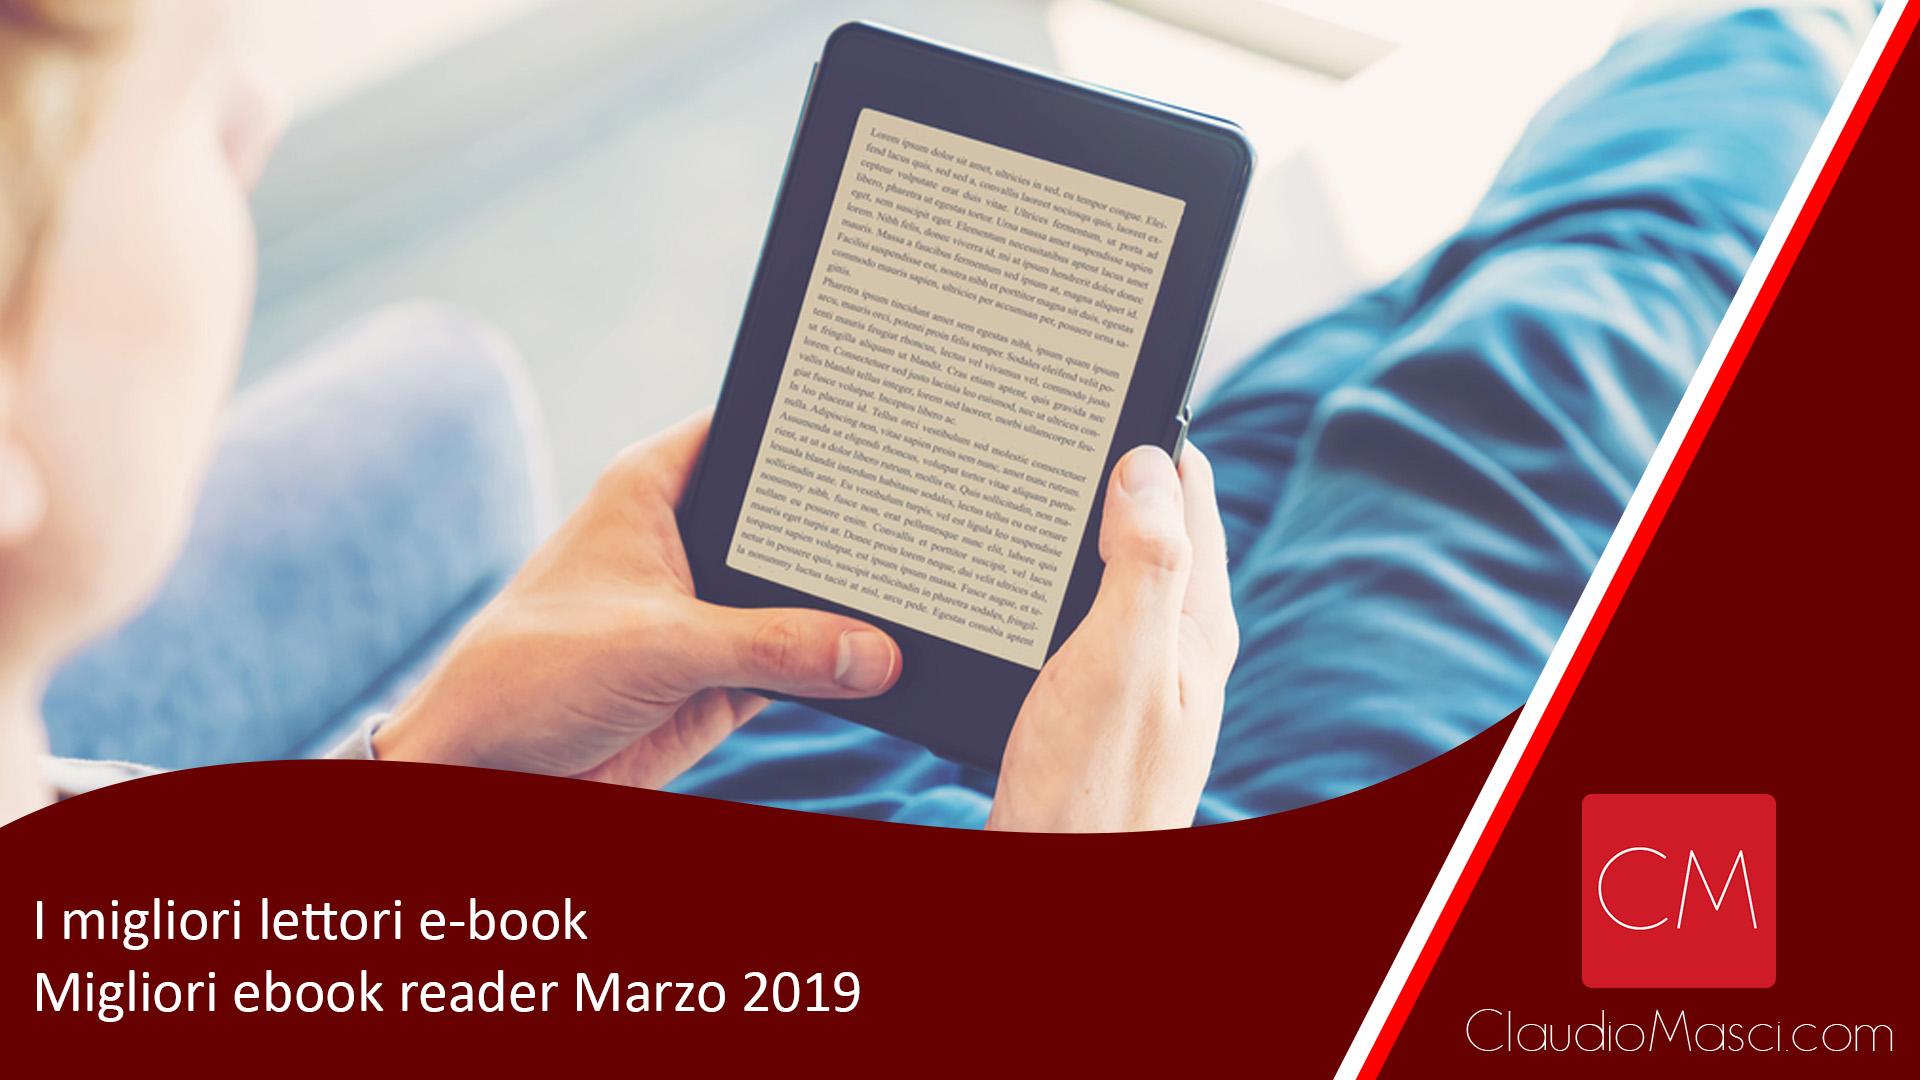 I migliori lettori e-book | Migliori ebook reader Marzo 2019